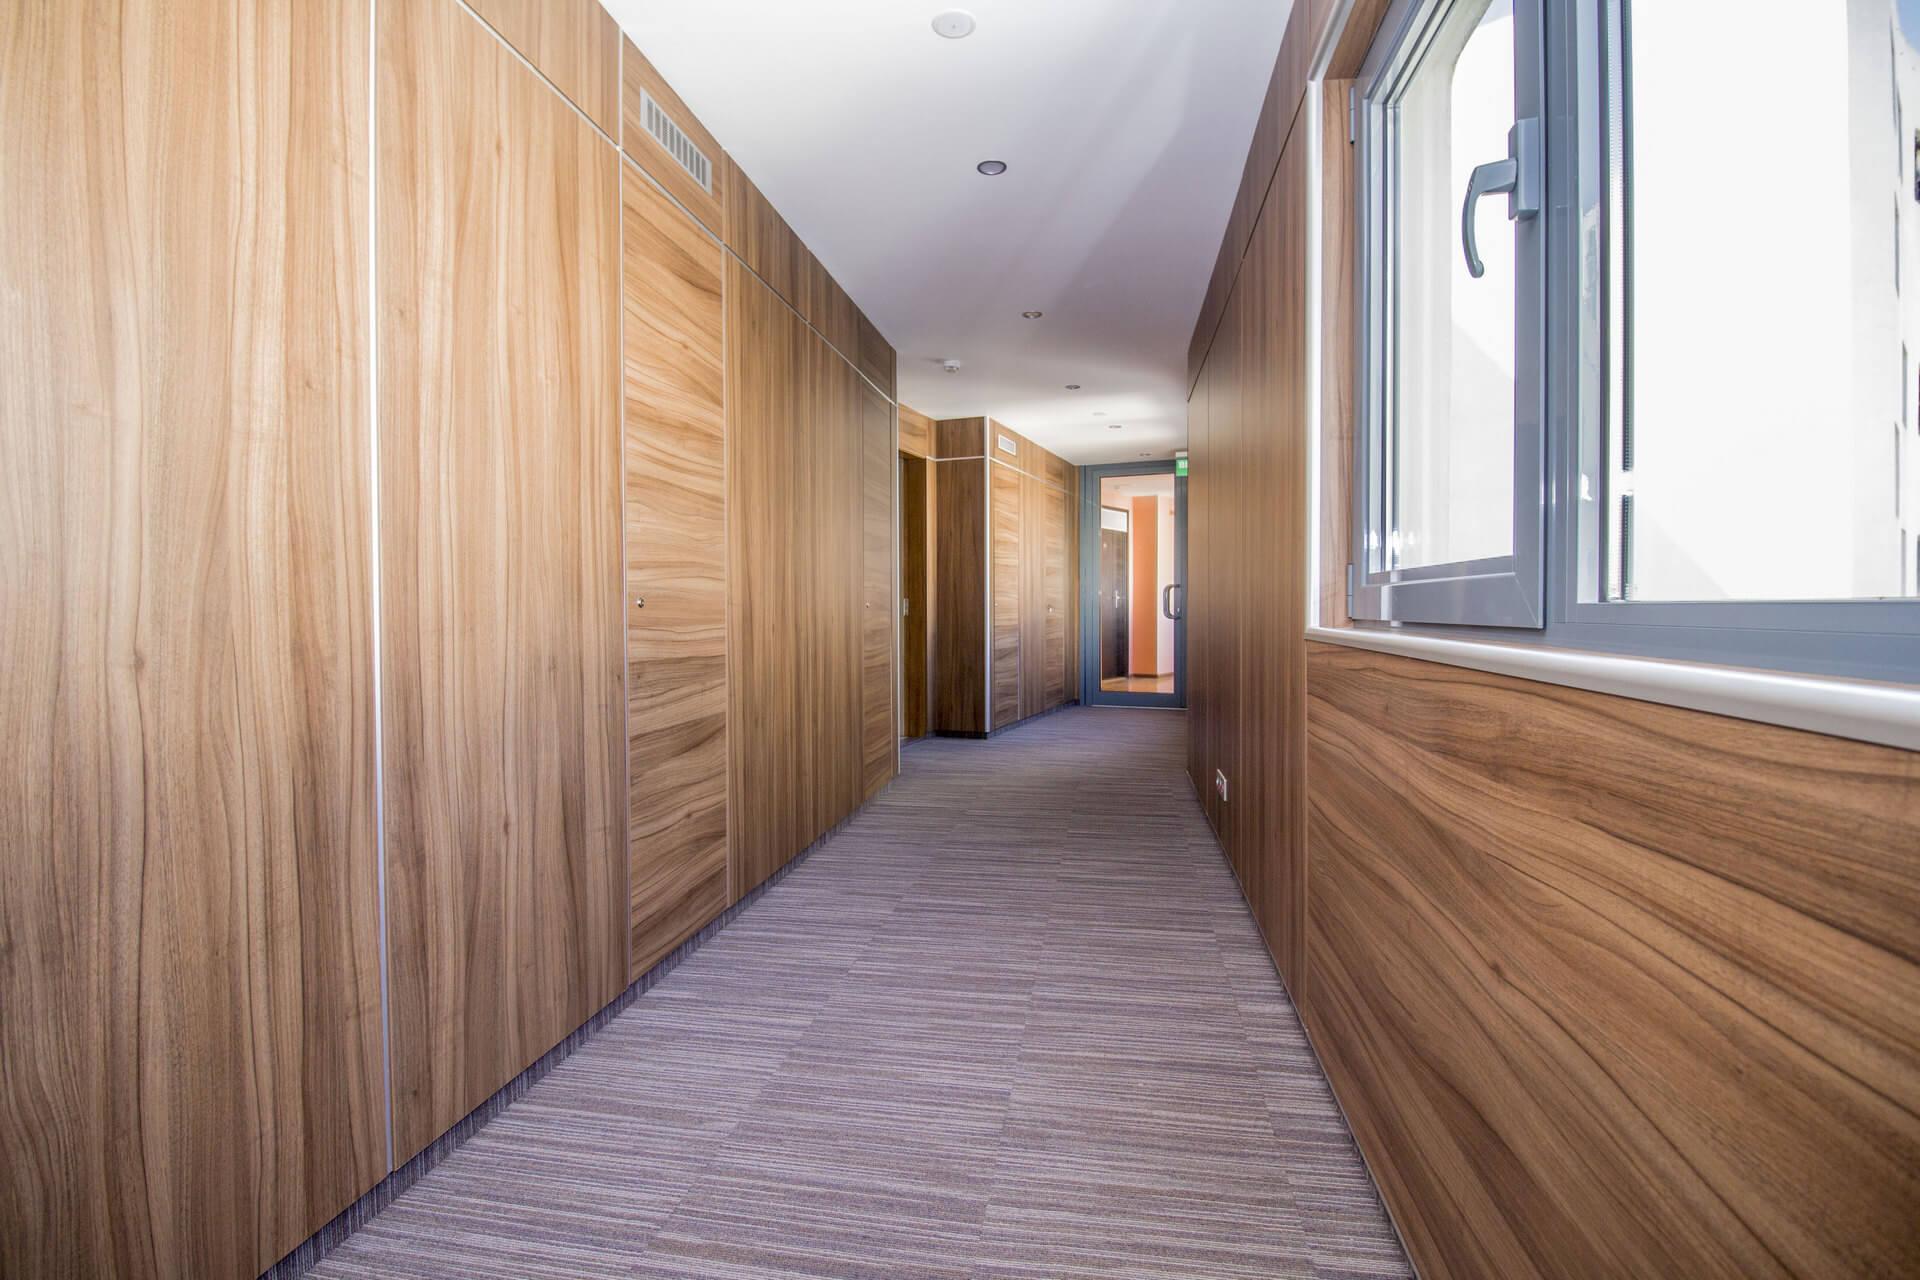 Апартаменты в 4-звездочном комплексе - image Apartamenty-v-4-zvezdochnom-komplekse-3 on http://bizneskvartal.ru